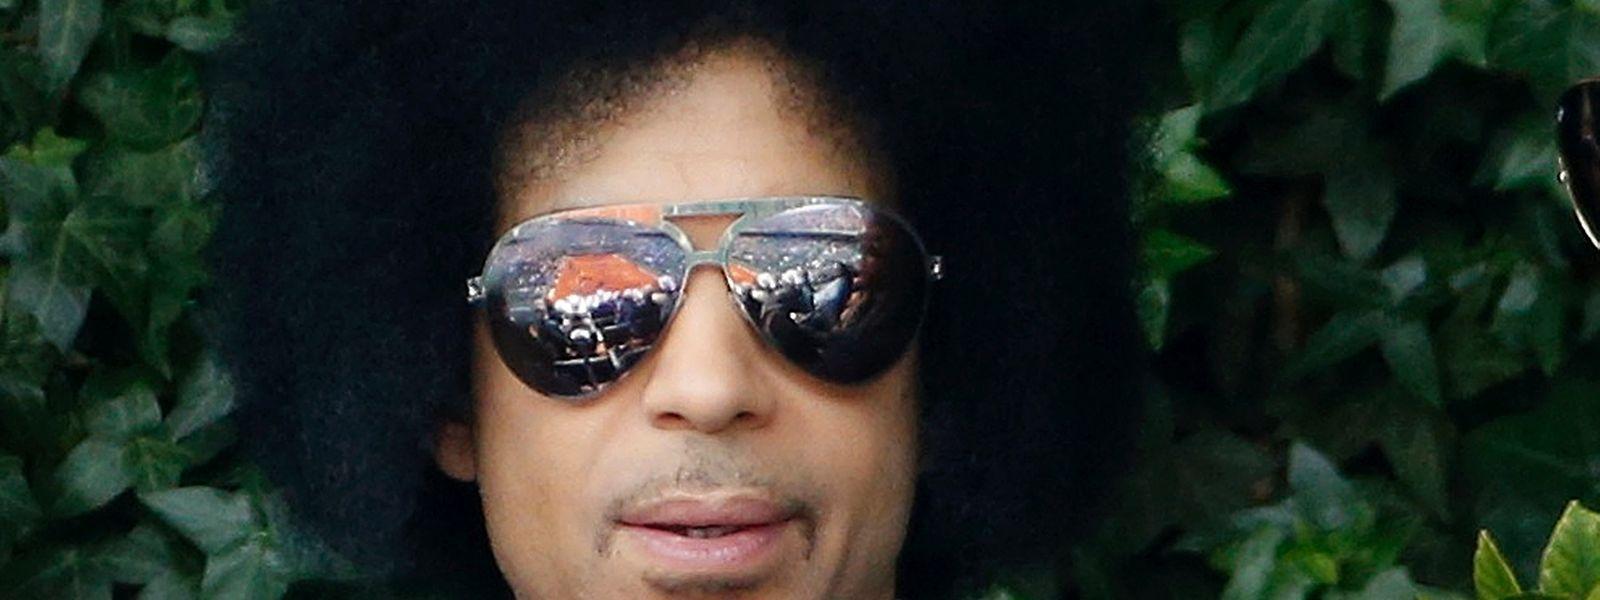 Statt sich zu schonen gibt US-Sänger Prince weiter Konzerte.